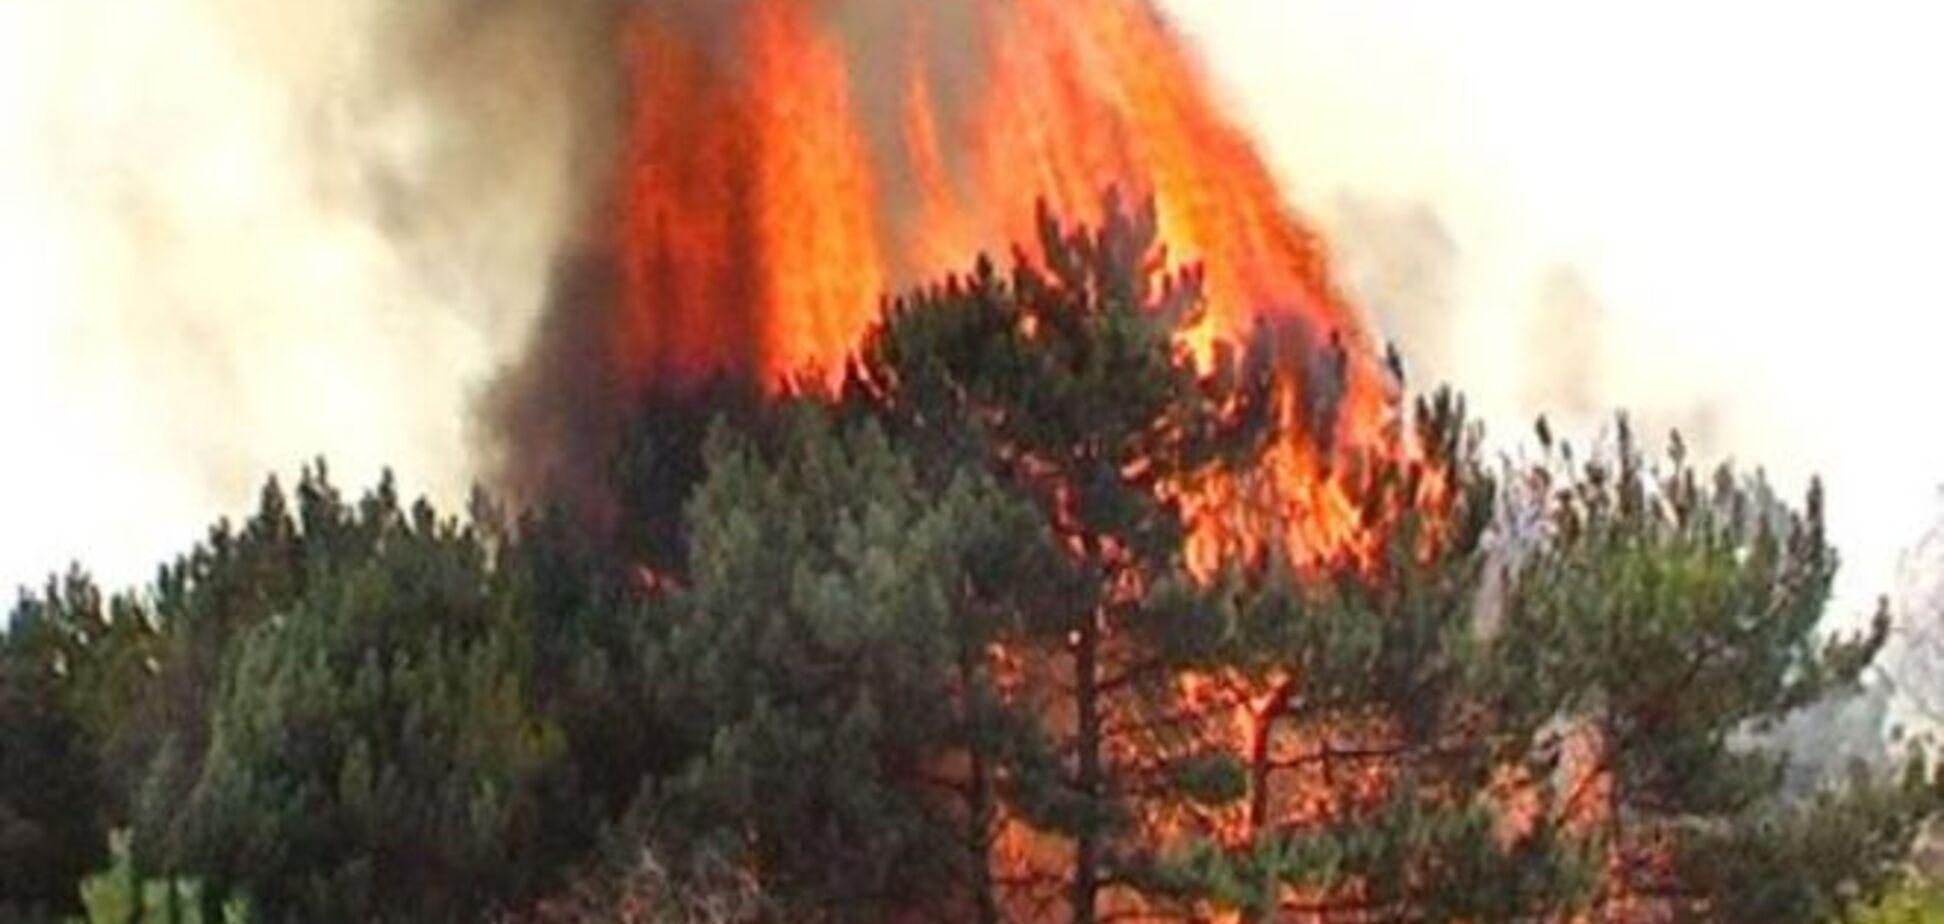 Террористы 'Градом' сожгли 100 га леса на Луганщине